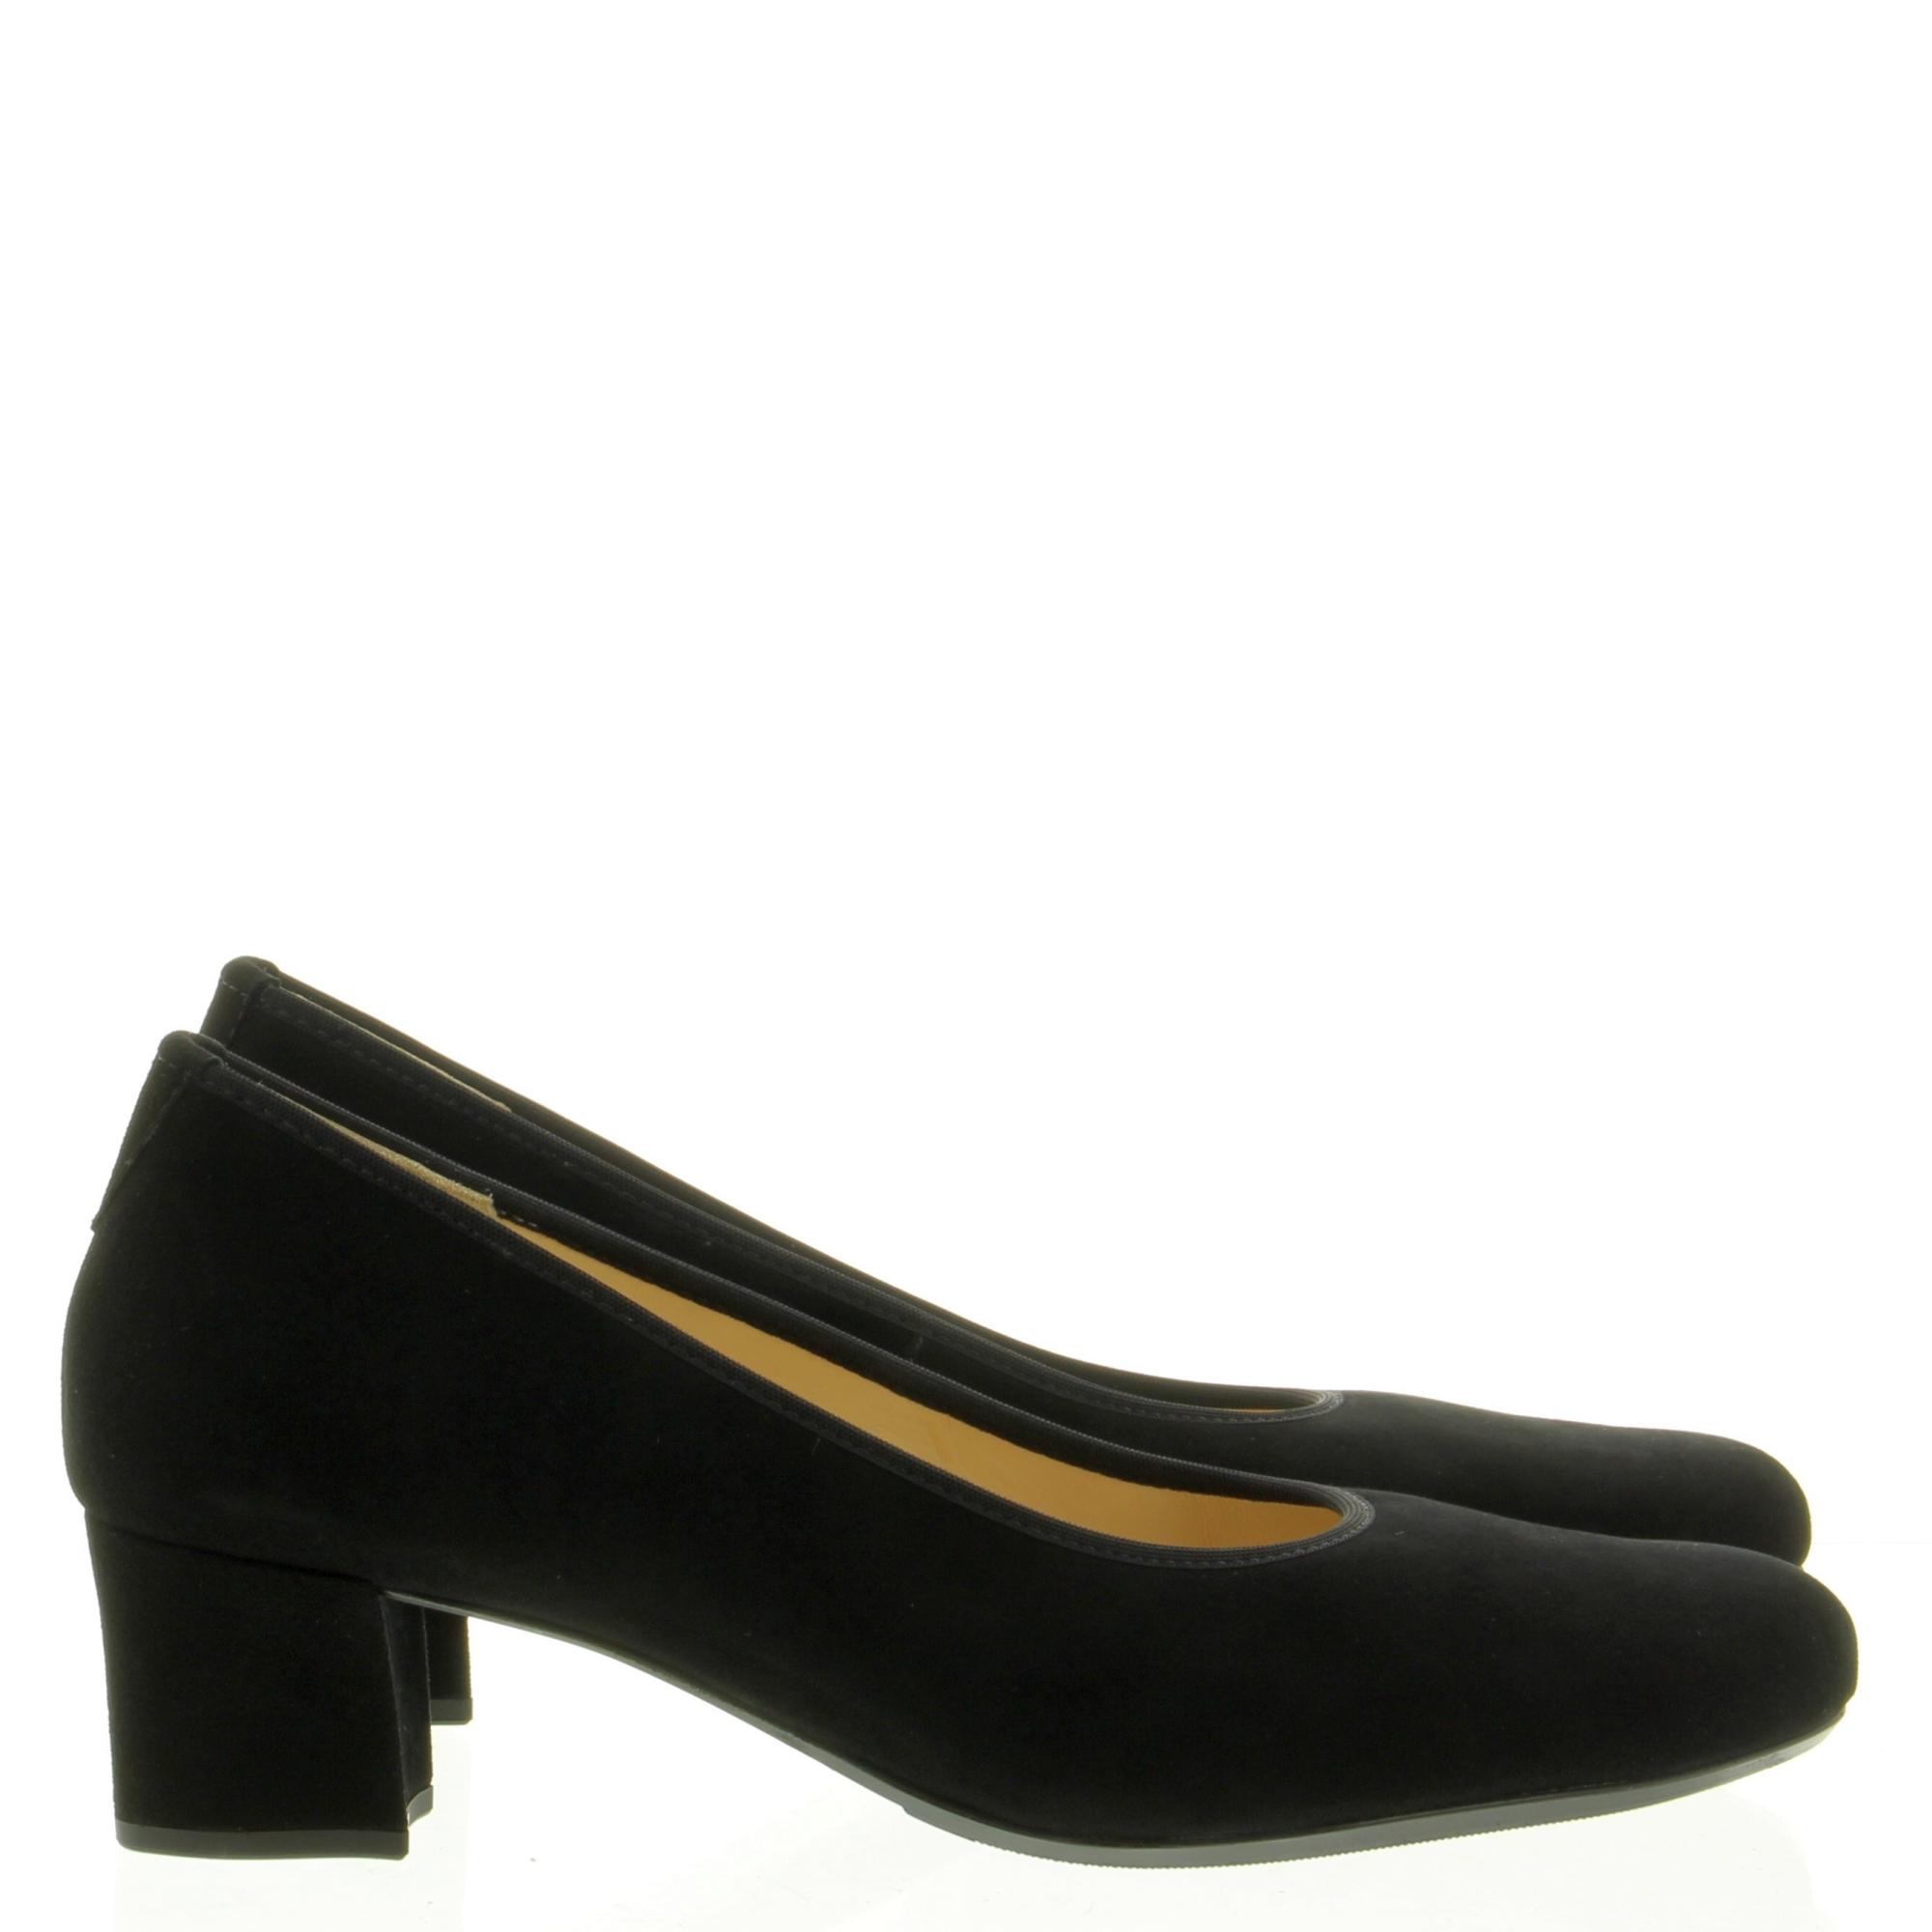 Hassia Shoes 304902 Florenz 0100 Black